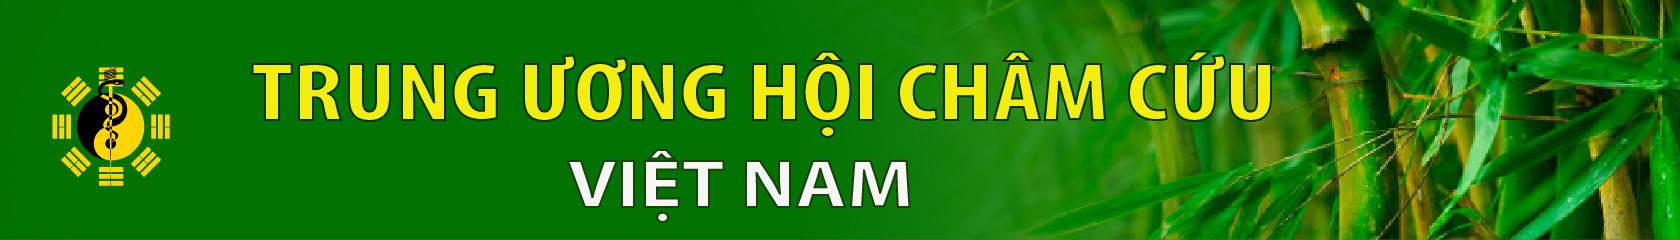 Hội Châm Cứu Việt Nam